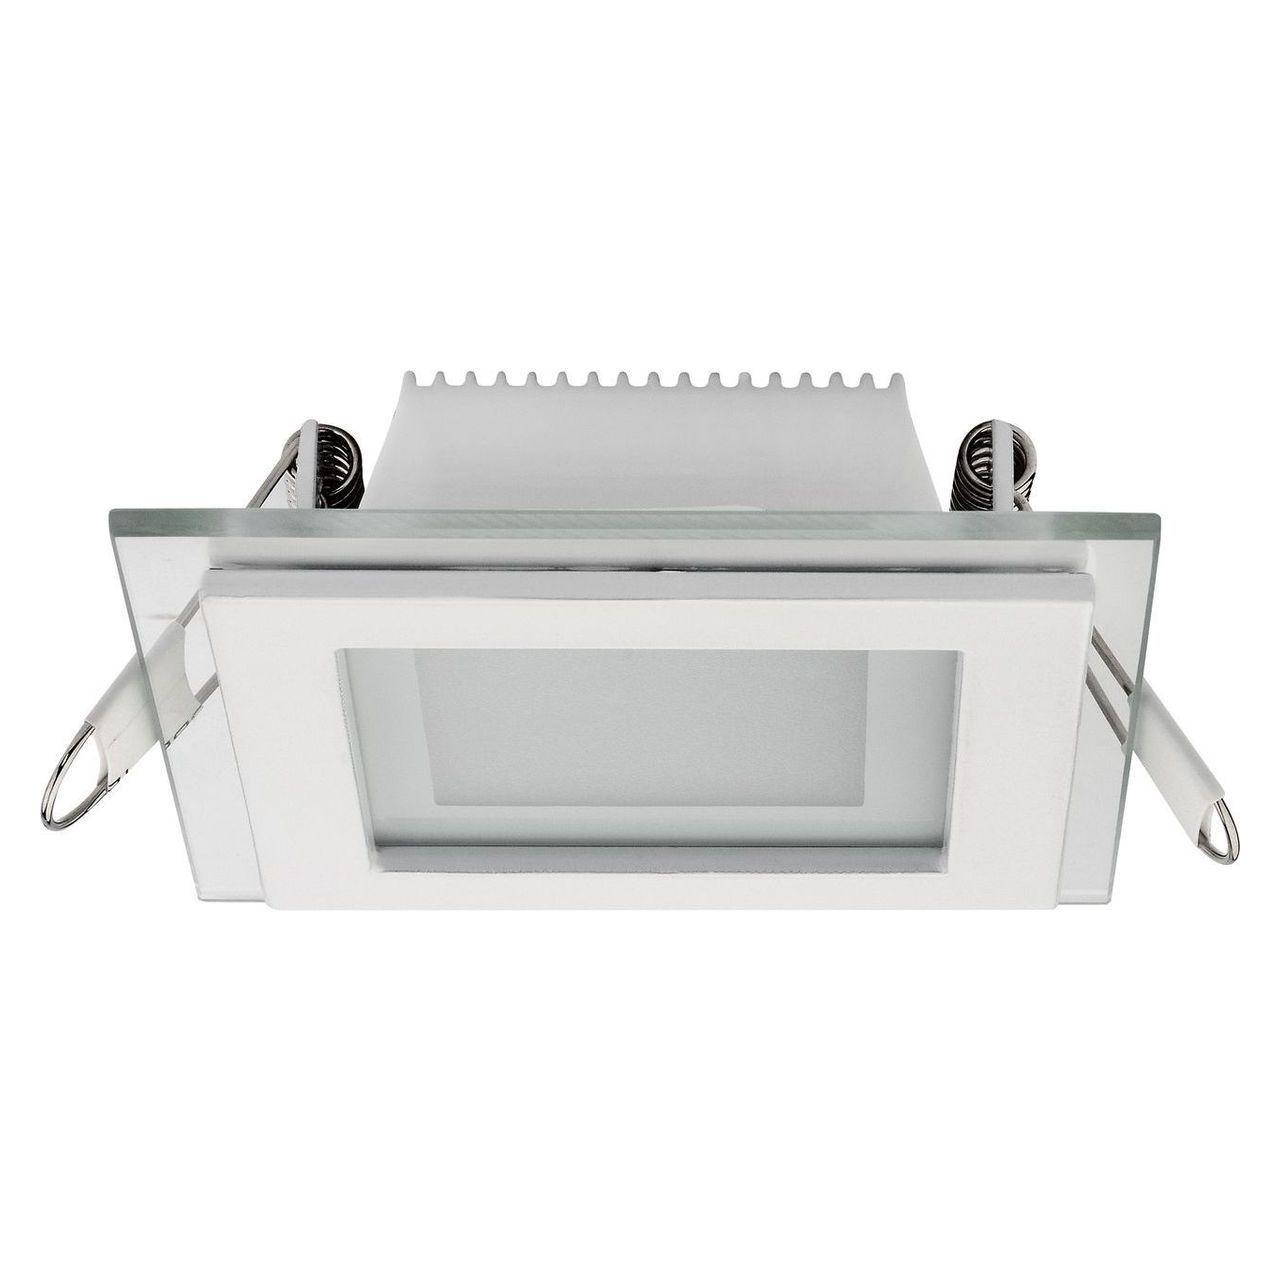 Встраиваемый светодиодный светильник Horoz 6W 6400K белый 016-015-0006 (HL684LG)